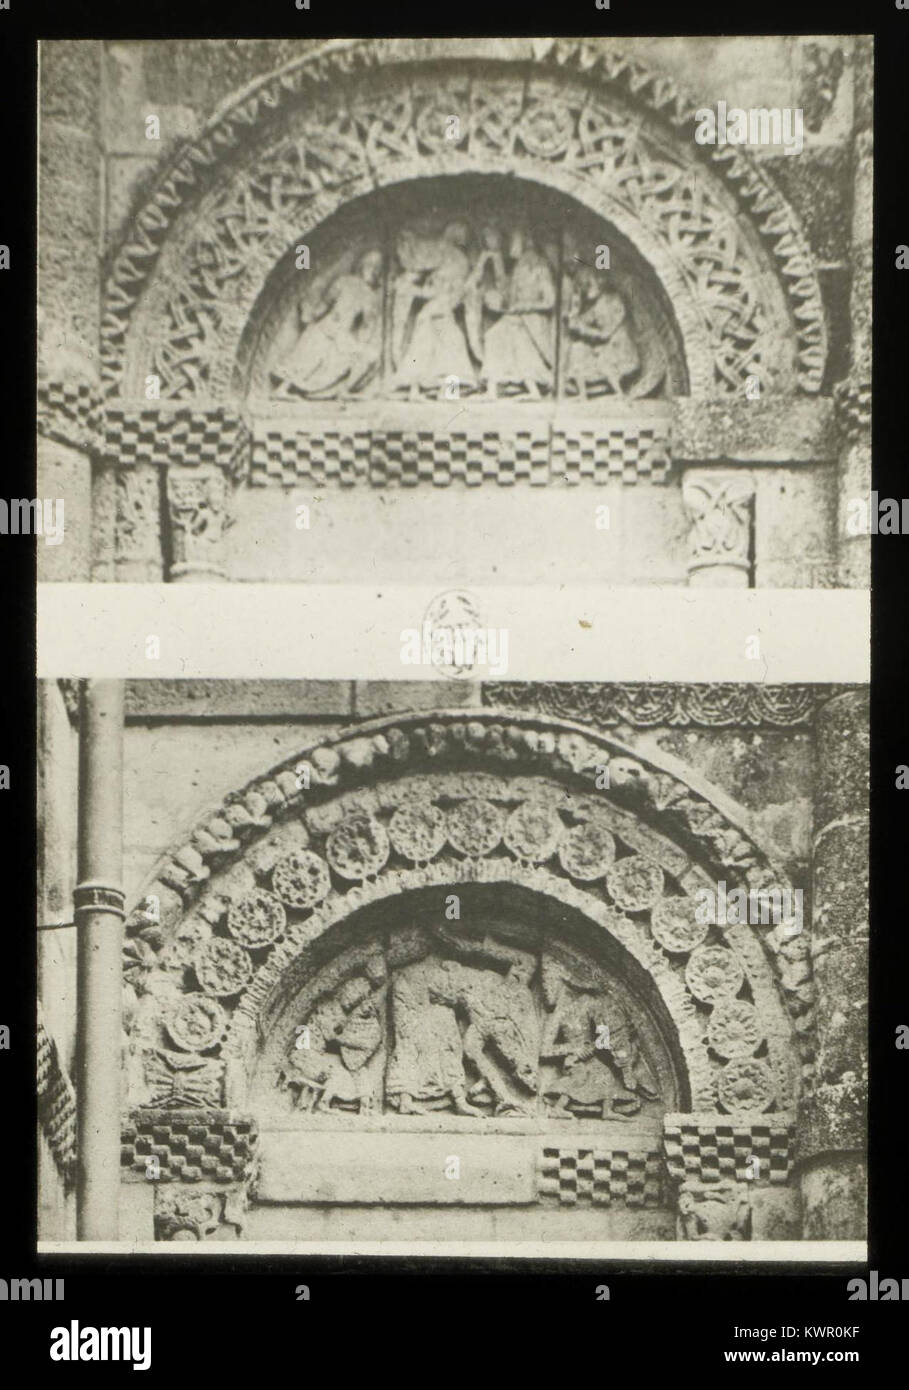 Église Saint-Vivien de Saint-Vivien-de-Médoc - J-A Brutails - Université Bordeaux Montaigne - 2469 - Stock Image